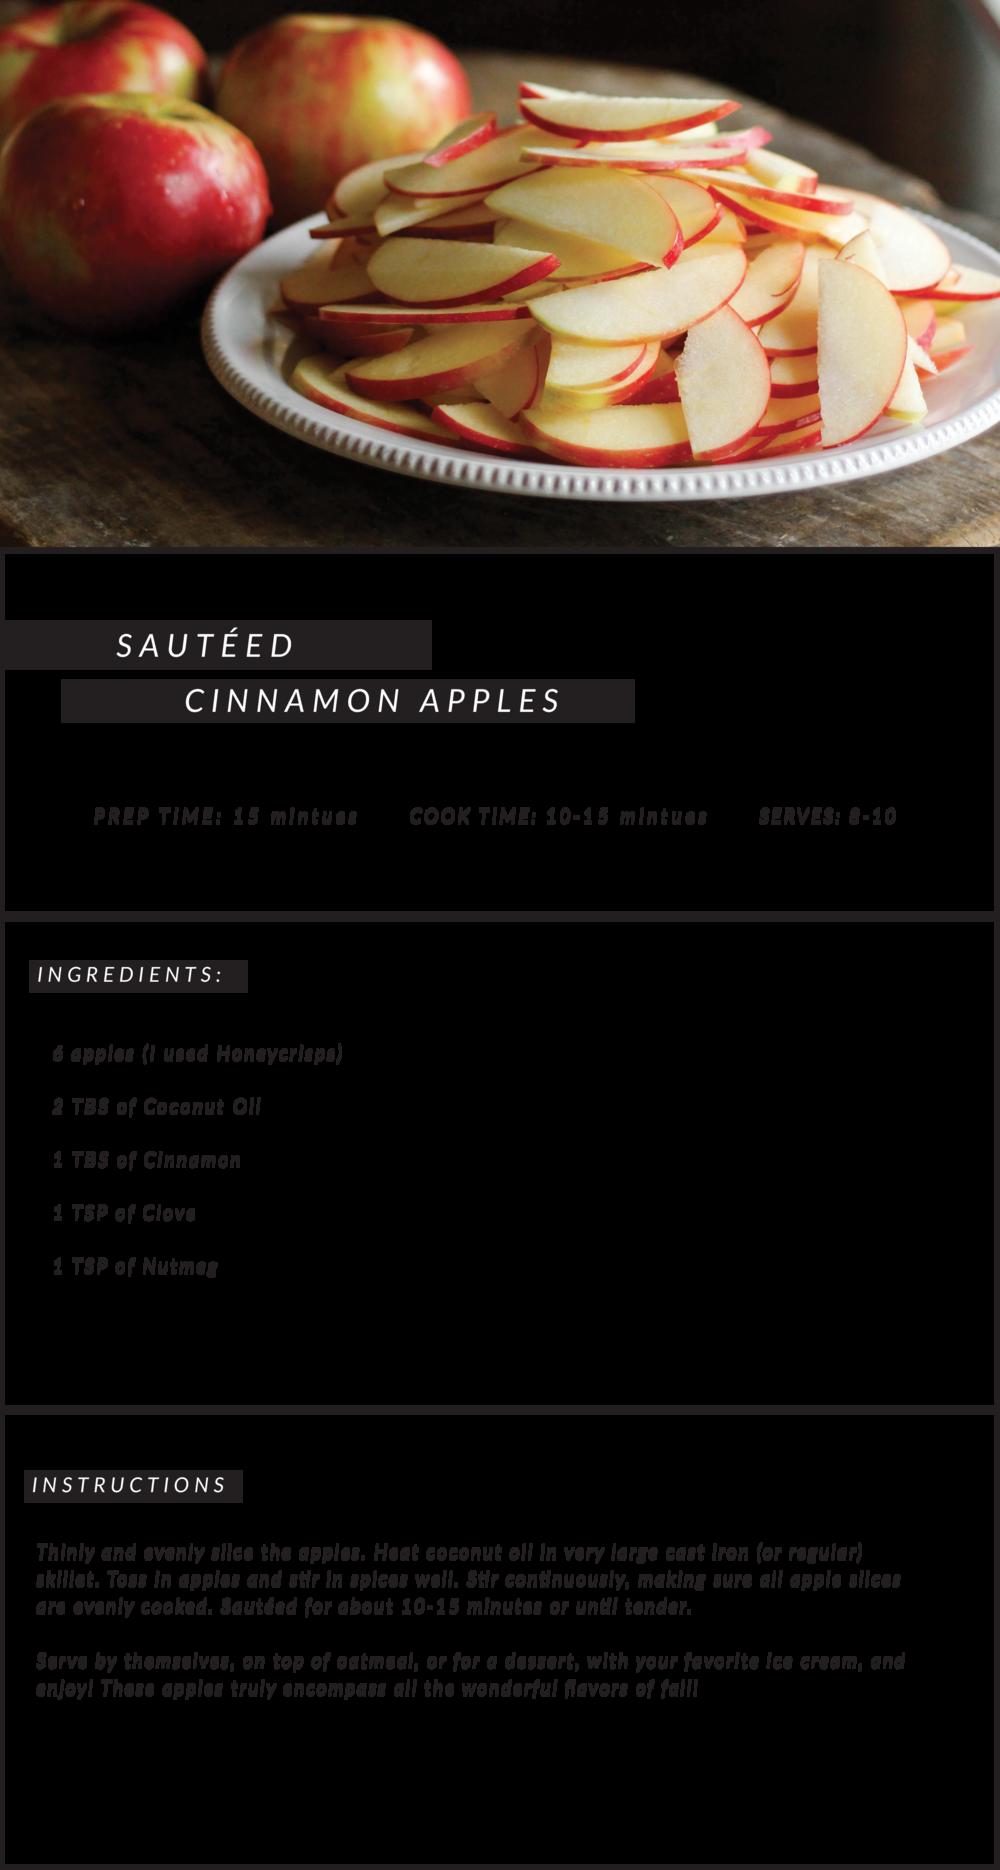 Sautéed Cinnamon Apples